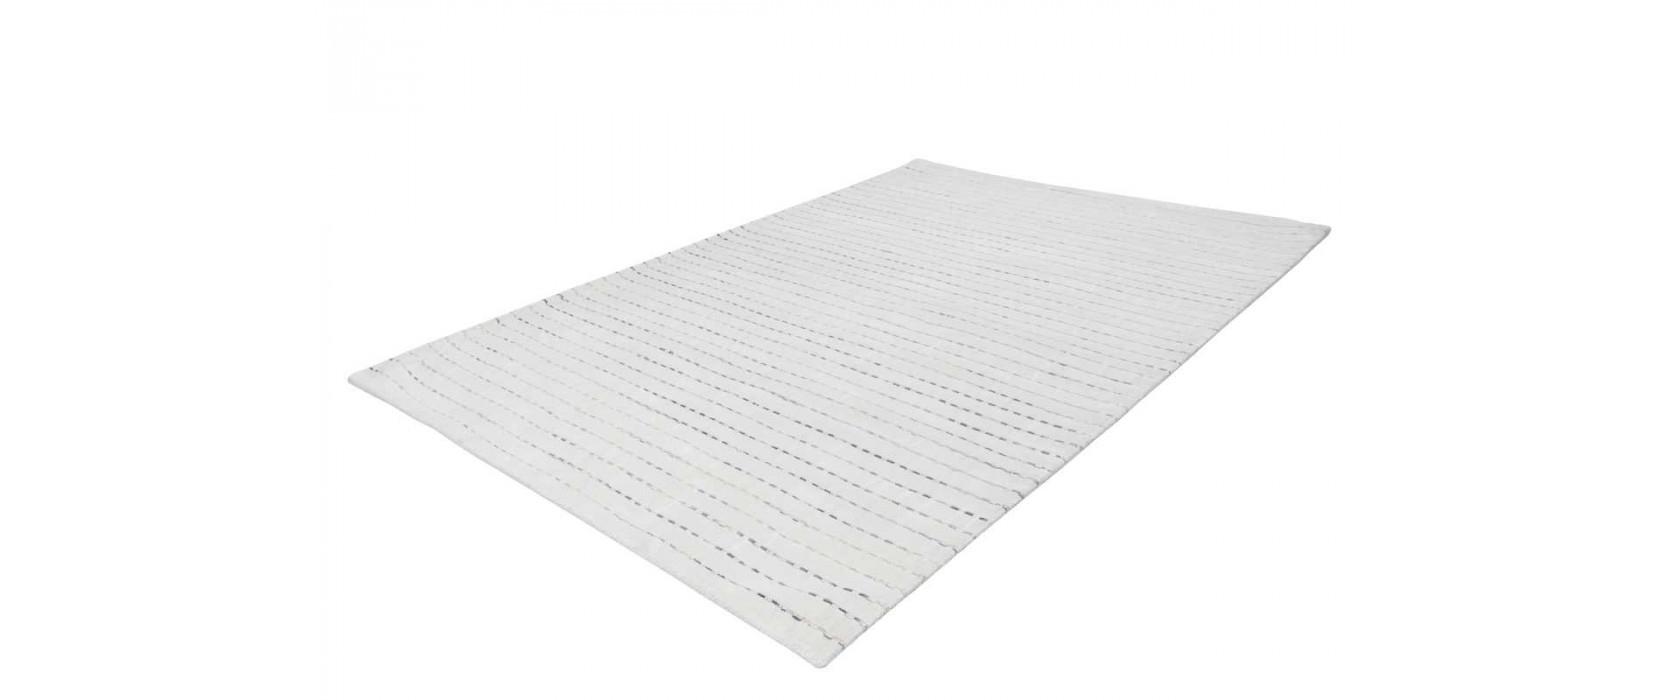 Ковер Prime 110 White/Grey 160х230 см